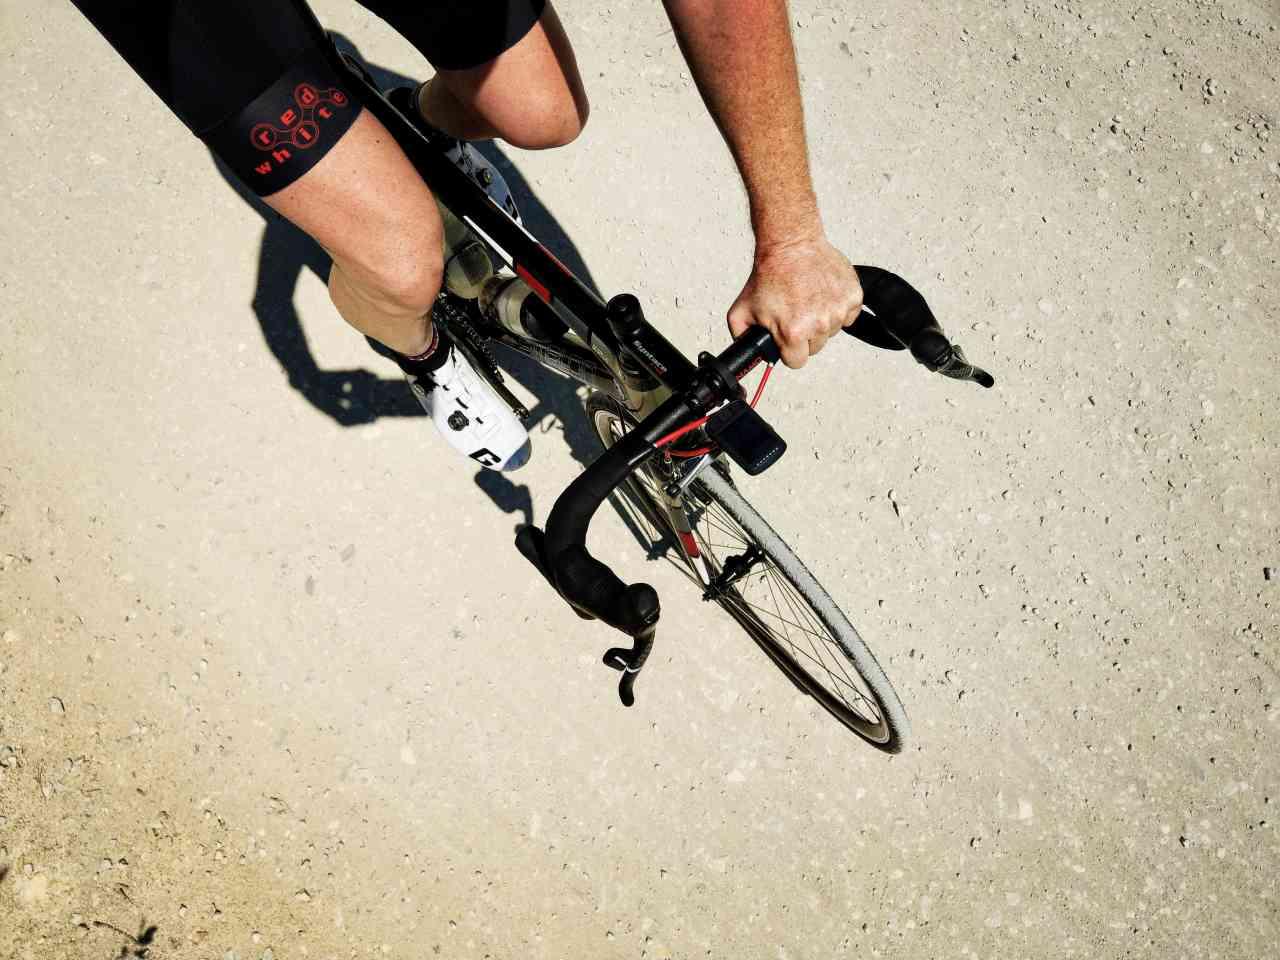 挫折せずロードバイクに乗り続ける方法